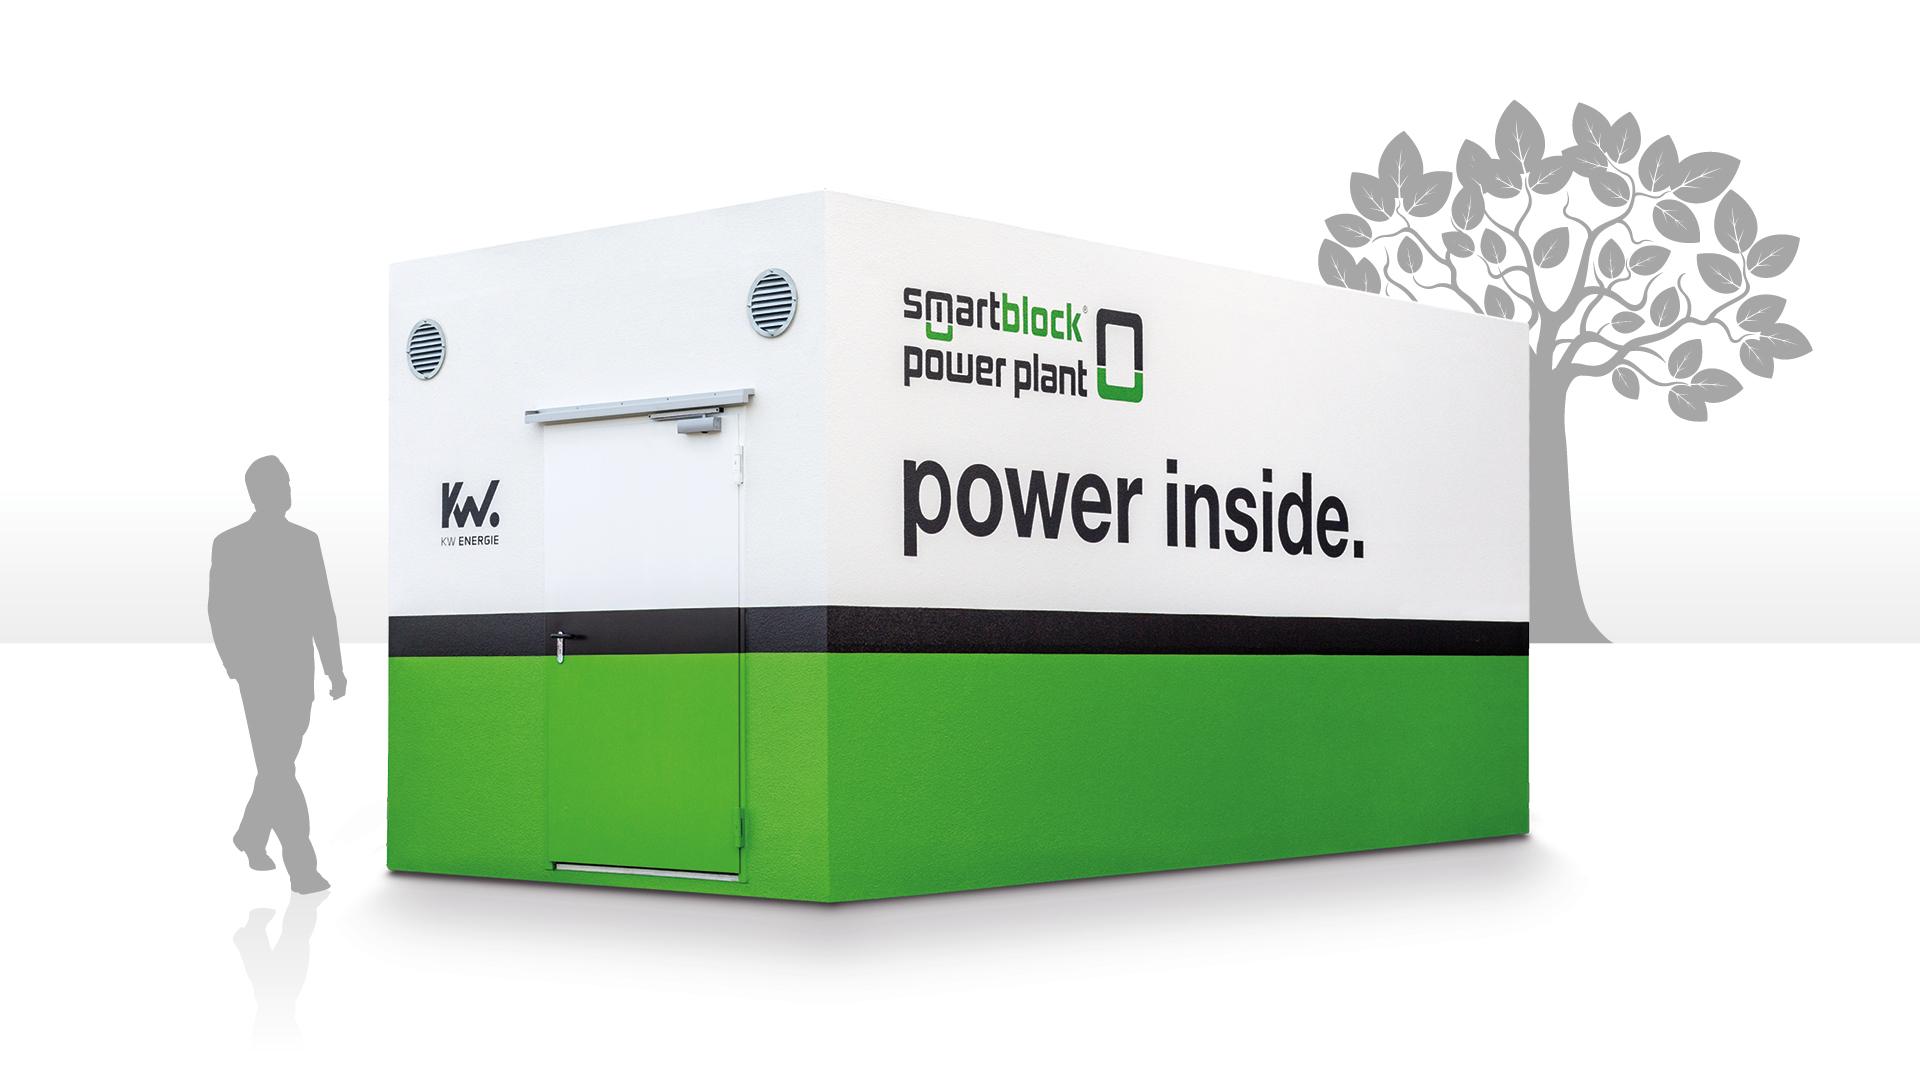 smartblock power plant